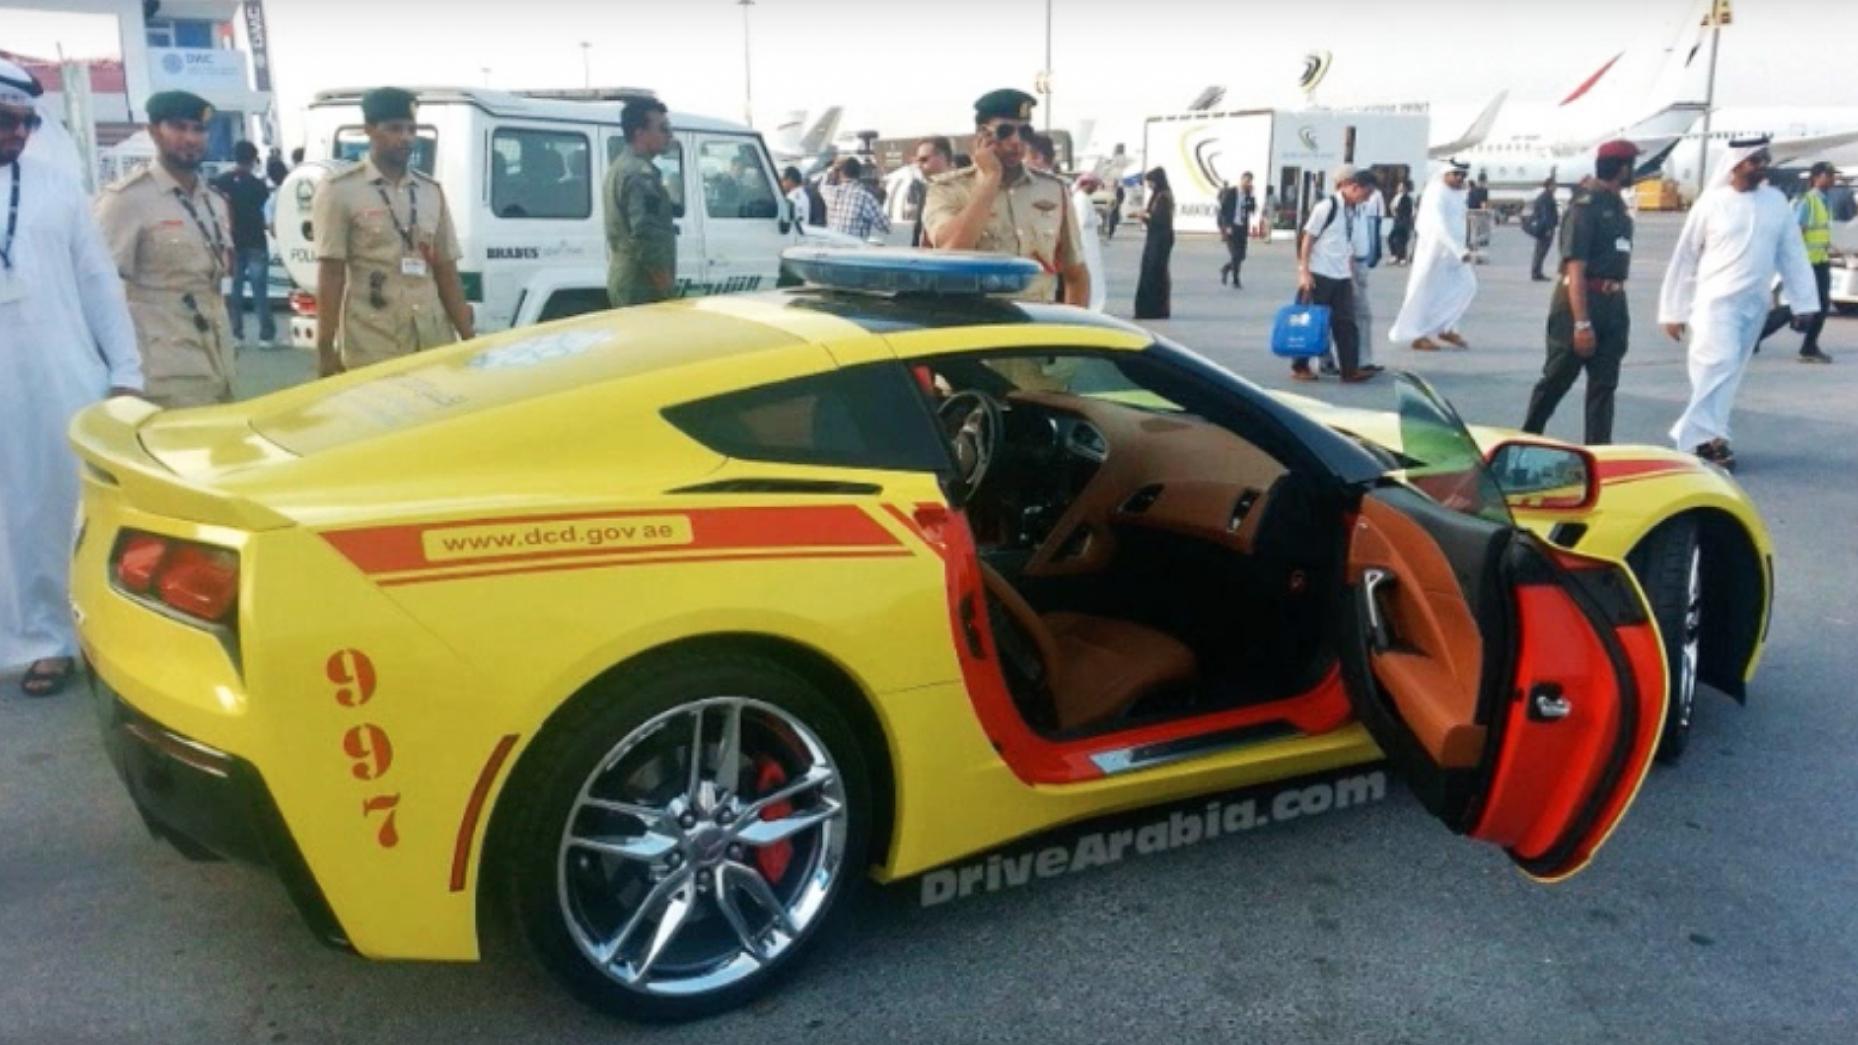 Dubai got the world's fastest fire 'truck'